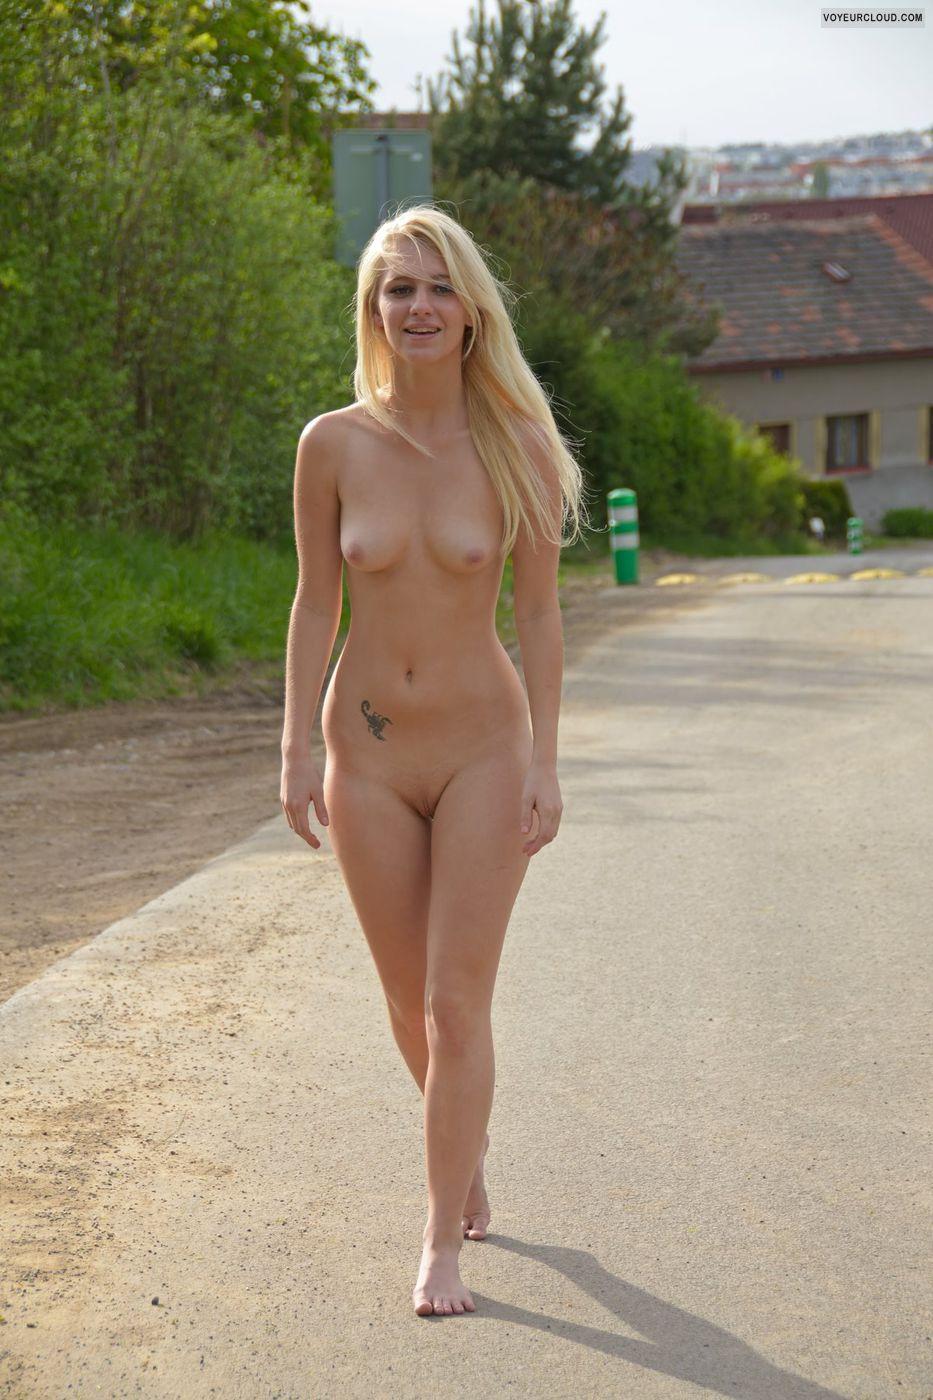 Terry Nude Public